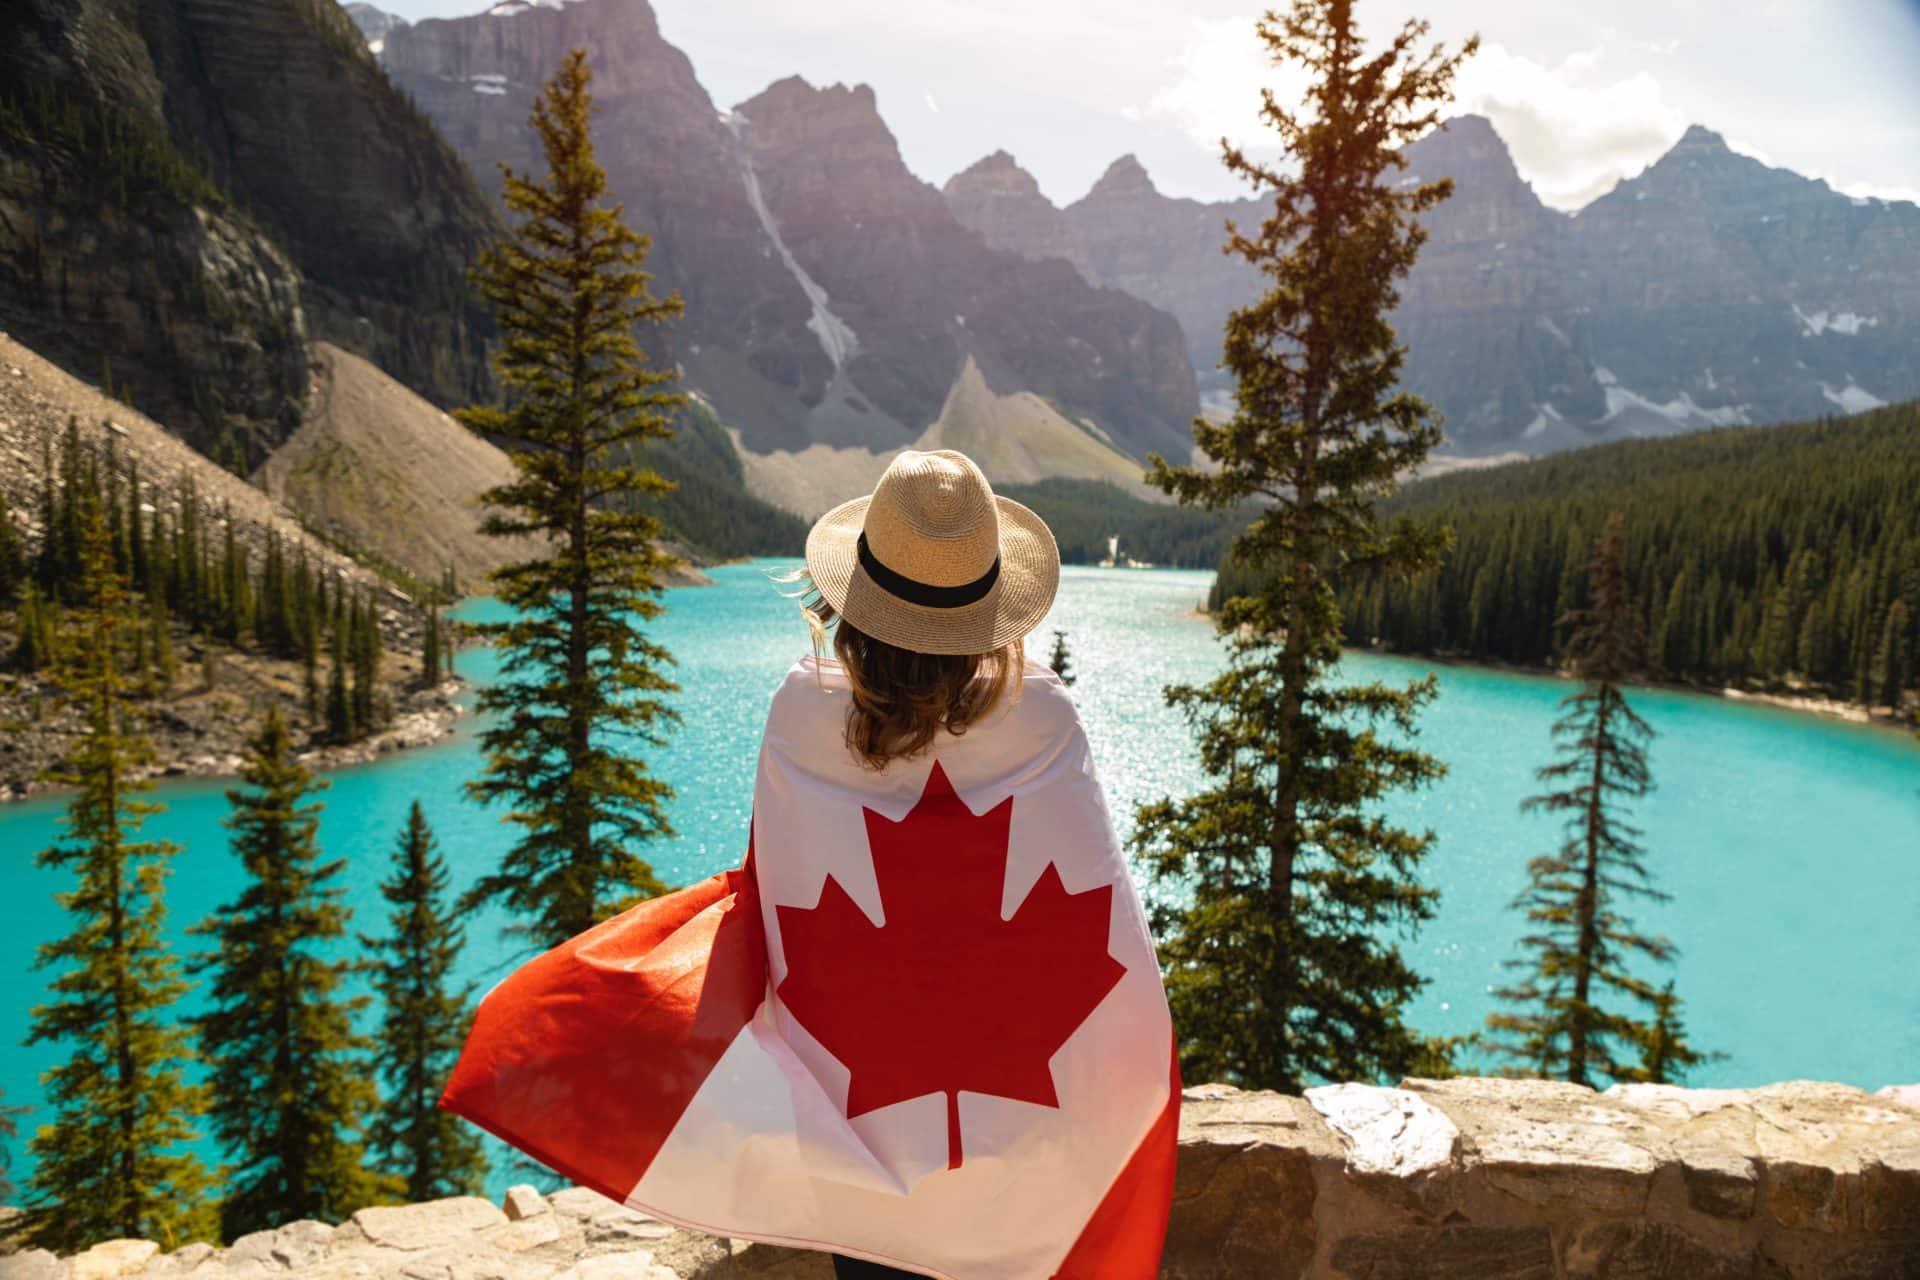 Mách bạn cách xem kết quả visa Canada nhanh chóng và chính xác